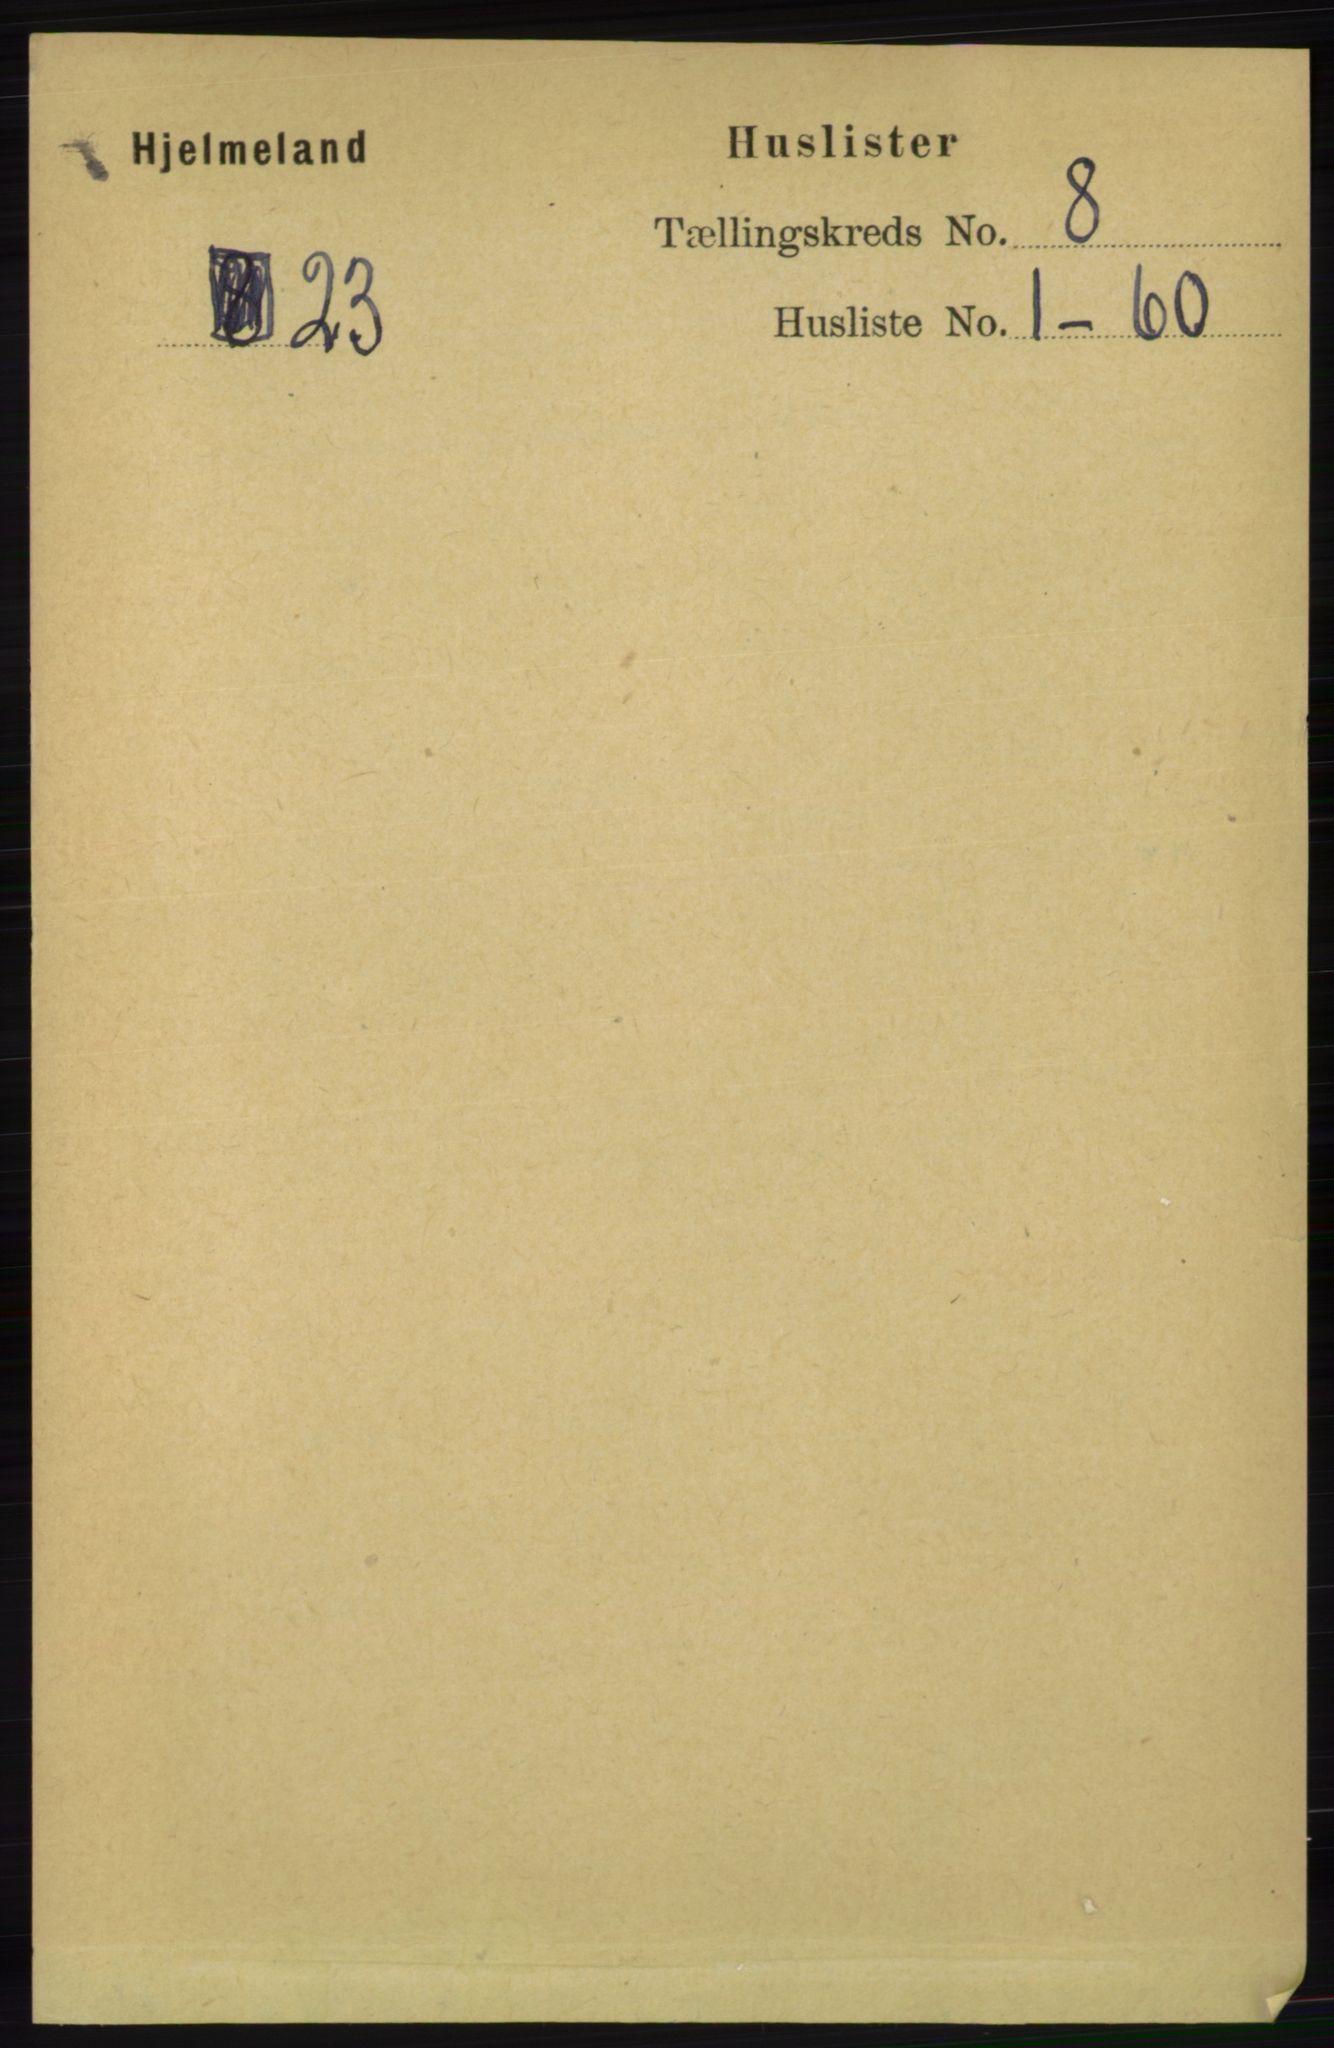 RA, Folketelling 1891 for 1133 Hjelmeland herred, 1891, s. 2410